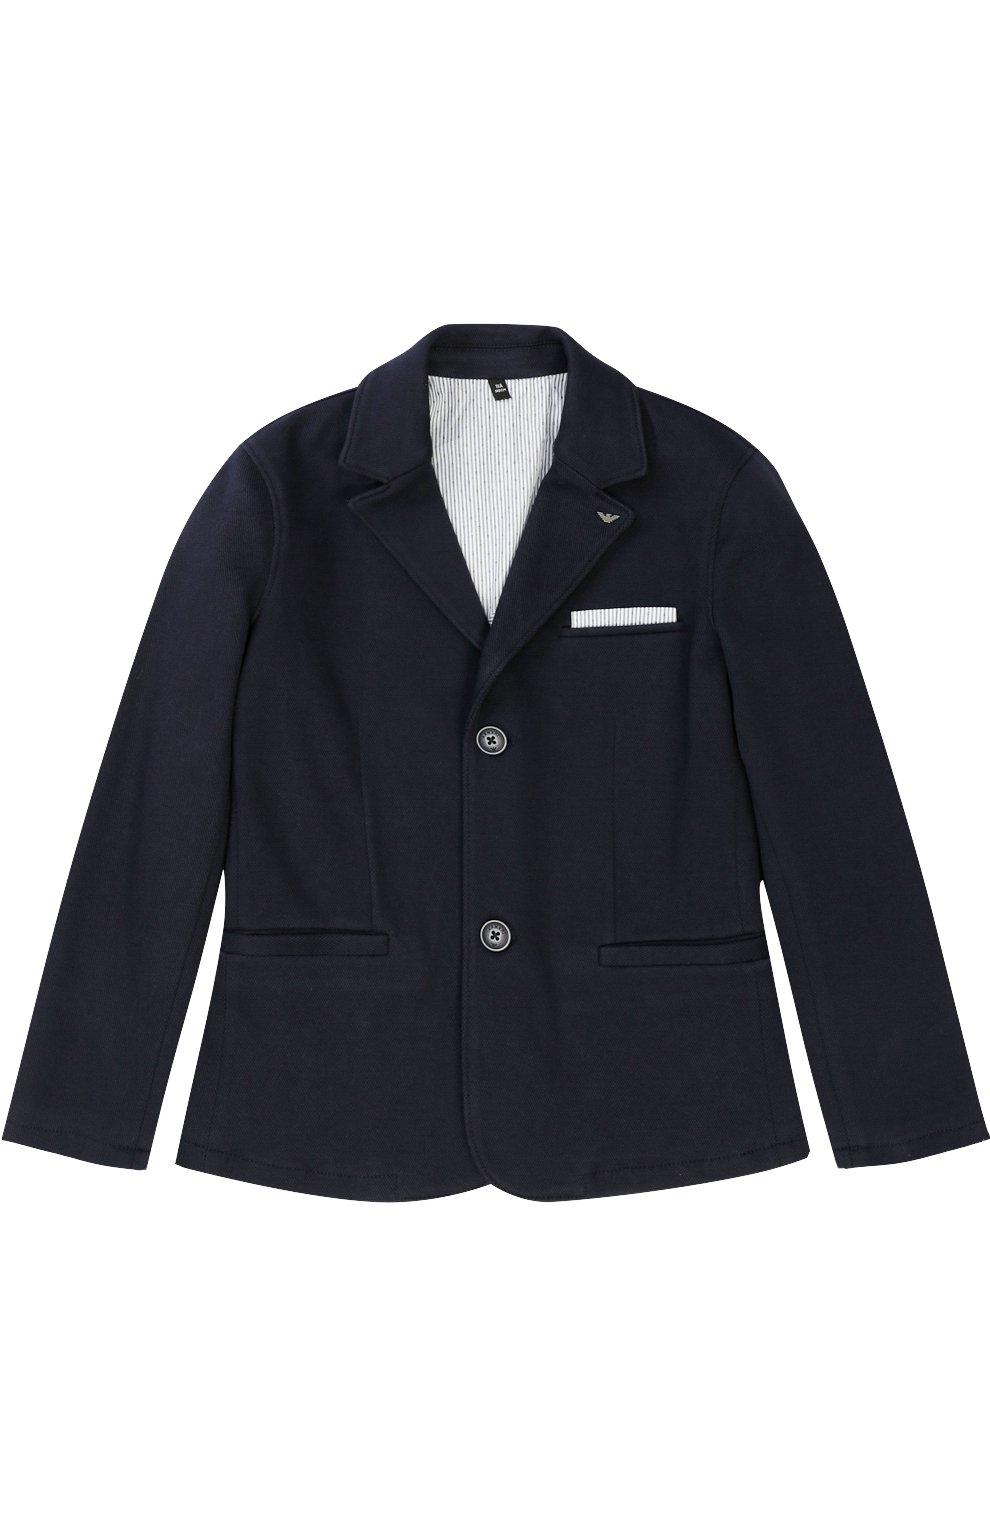 Однобортный пиджак джерси с логотипом бренда   Фото №1